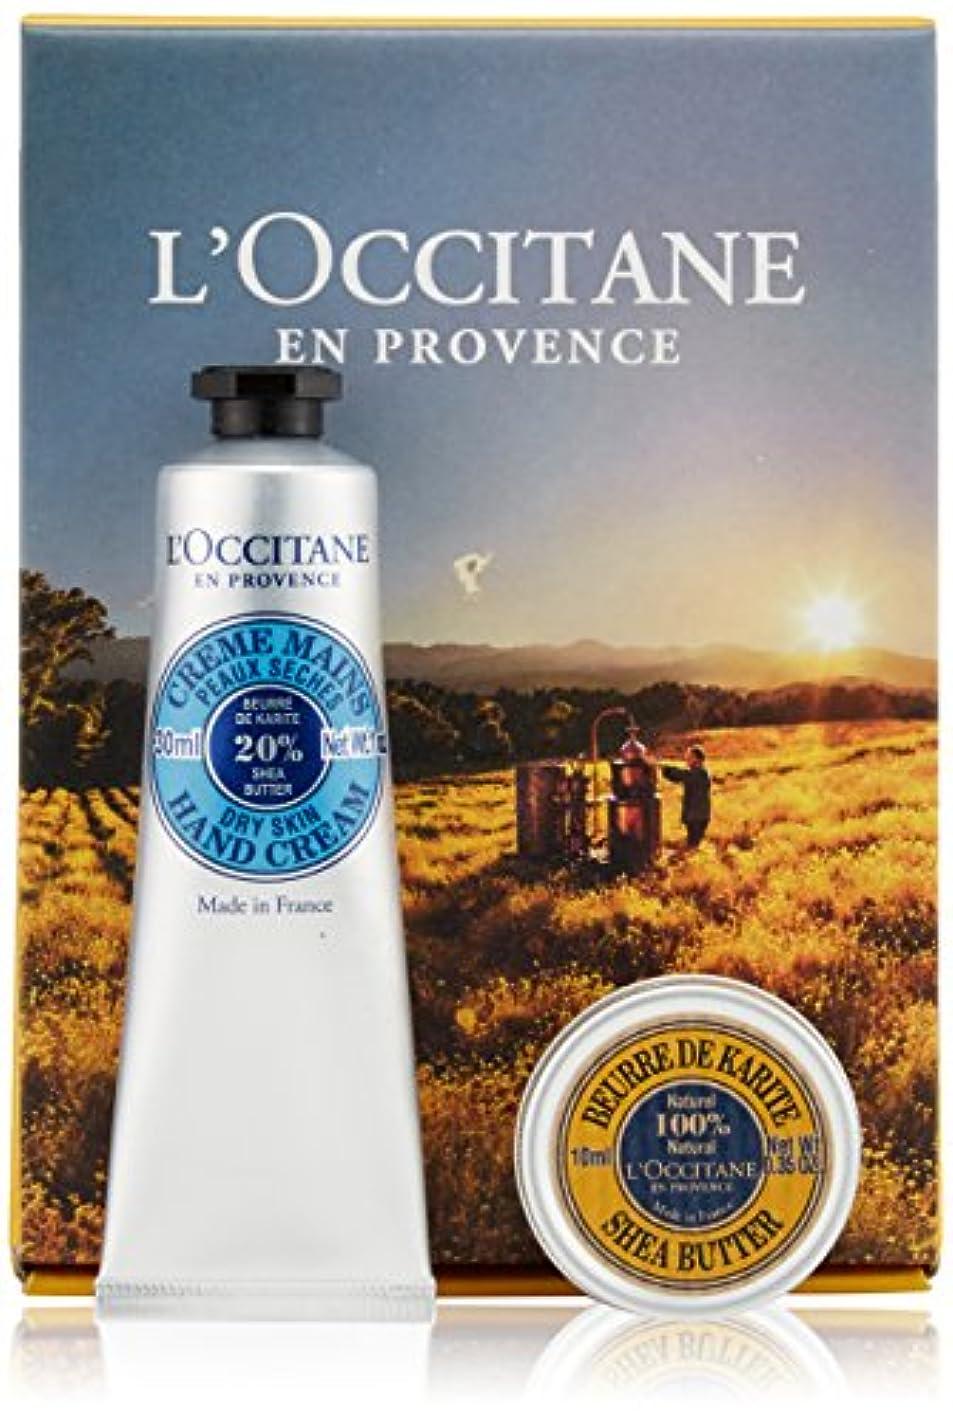 勘違いする州対称ロクシタン(L'OCCITANE) シア ハンドクリーム30ml&シアバター10ml